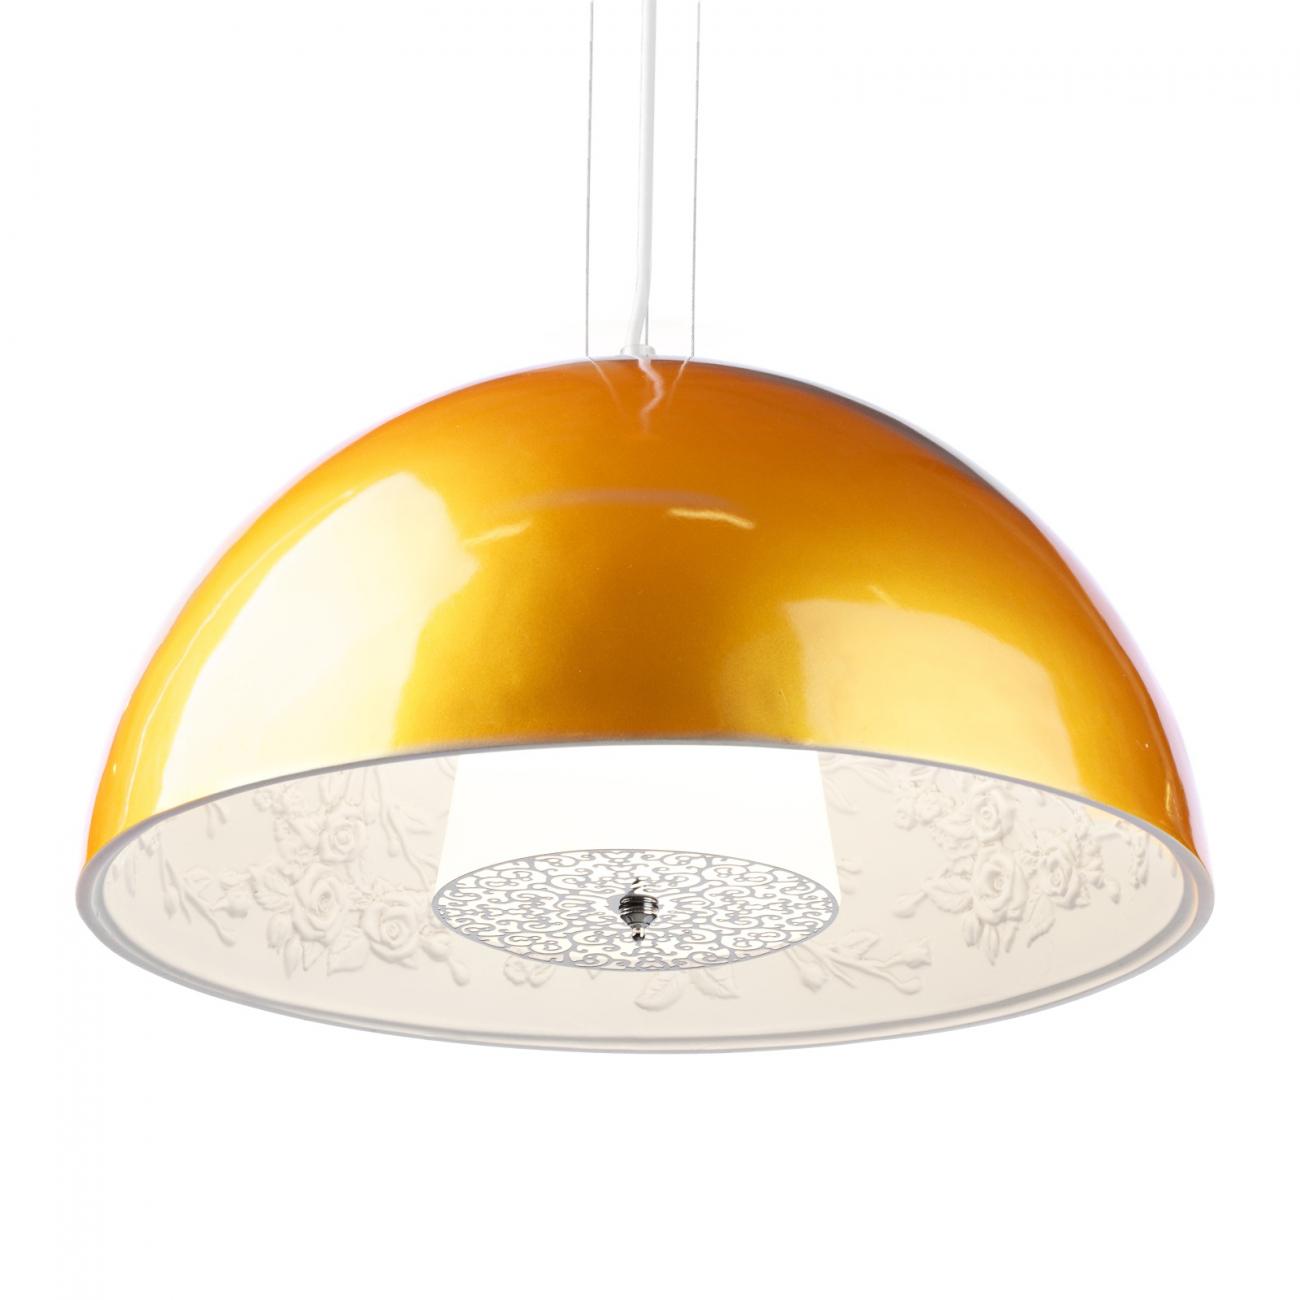 Купить Подвесной светильник SkyGarden Flos D60 Gold в интернет магазине дизайнерской мебели и аксессуаров для дома и дачи